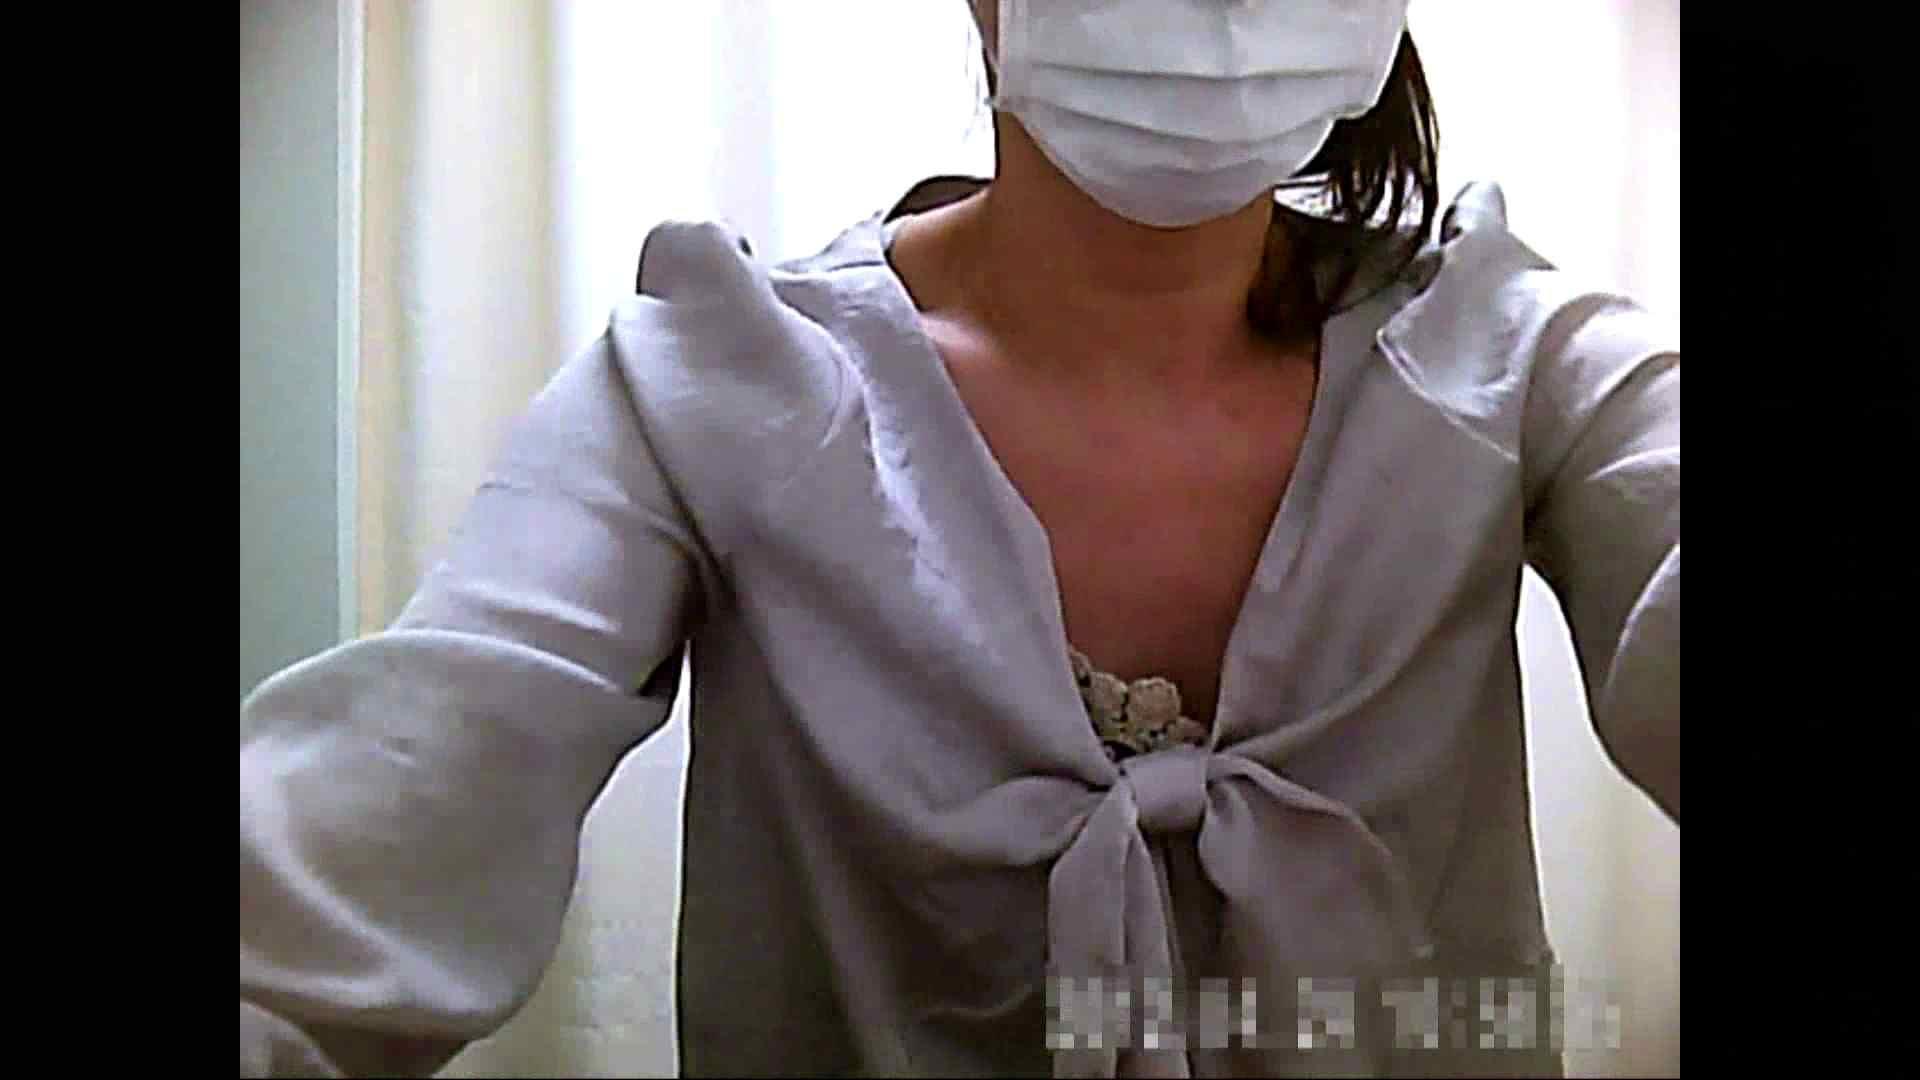 元医者による反抗 更衣室地獄絵巻 vol.010 OLのボディ  60PIX 26